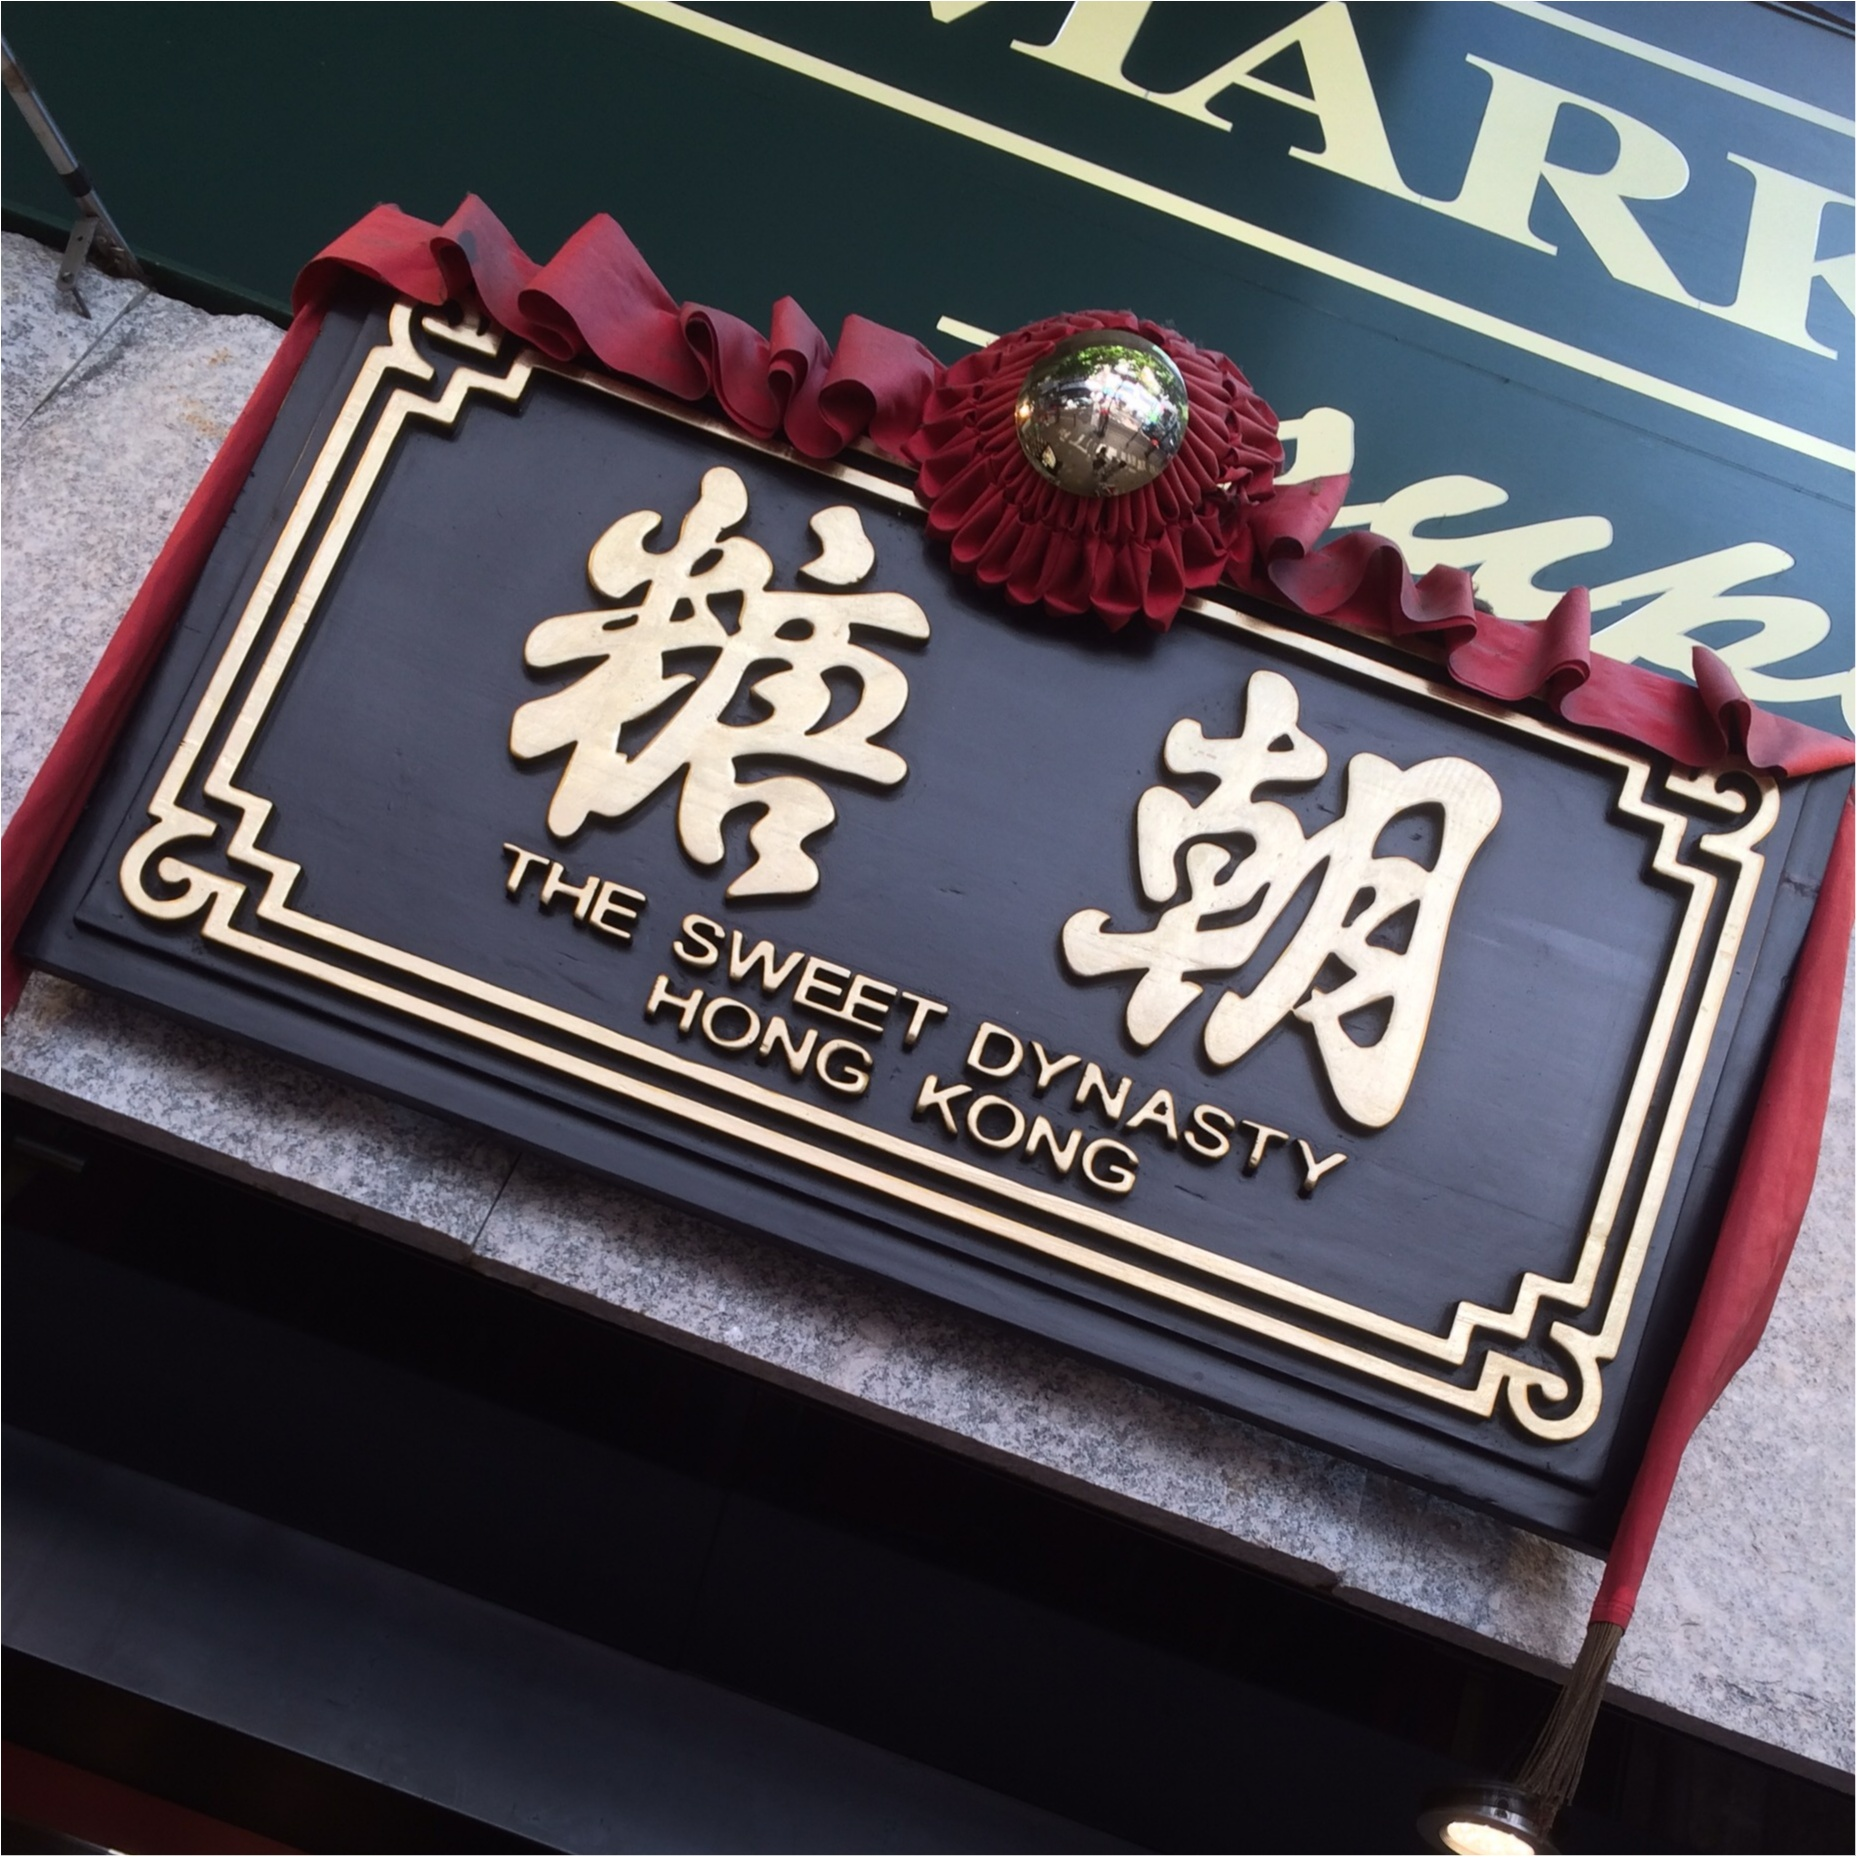 ★これこそ真のマンゴー祭!香港2大スイーツ店でマンゴーを食べ尽くせ!★_12